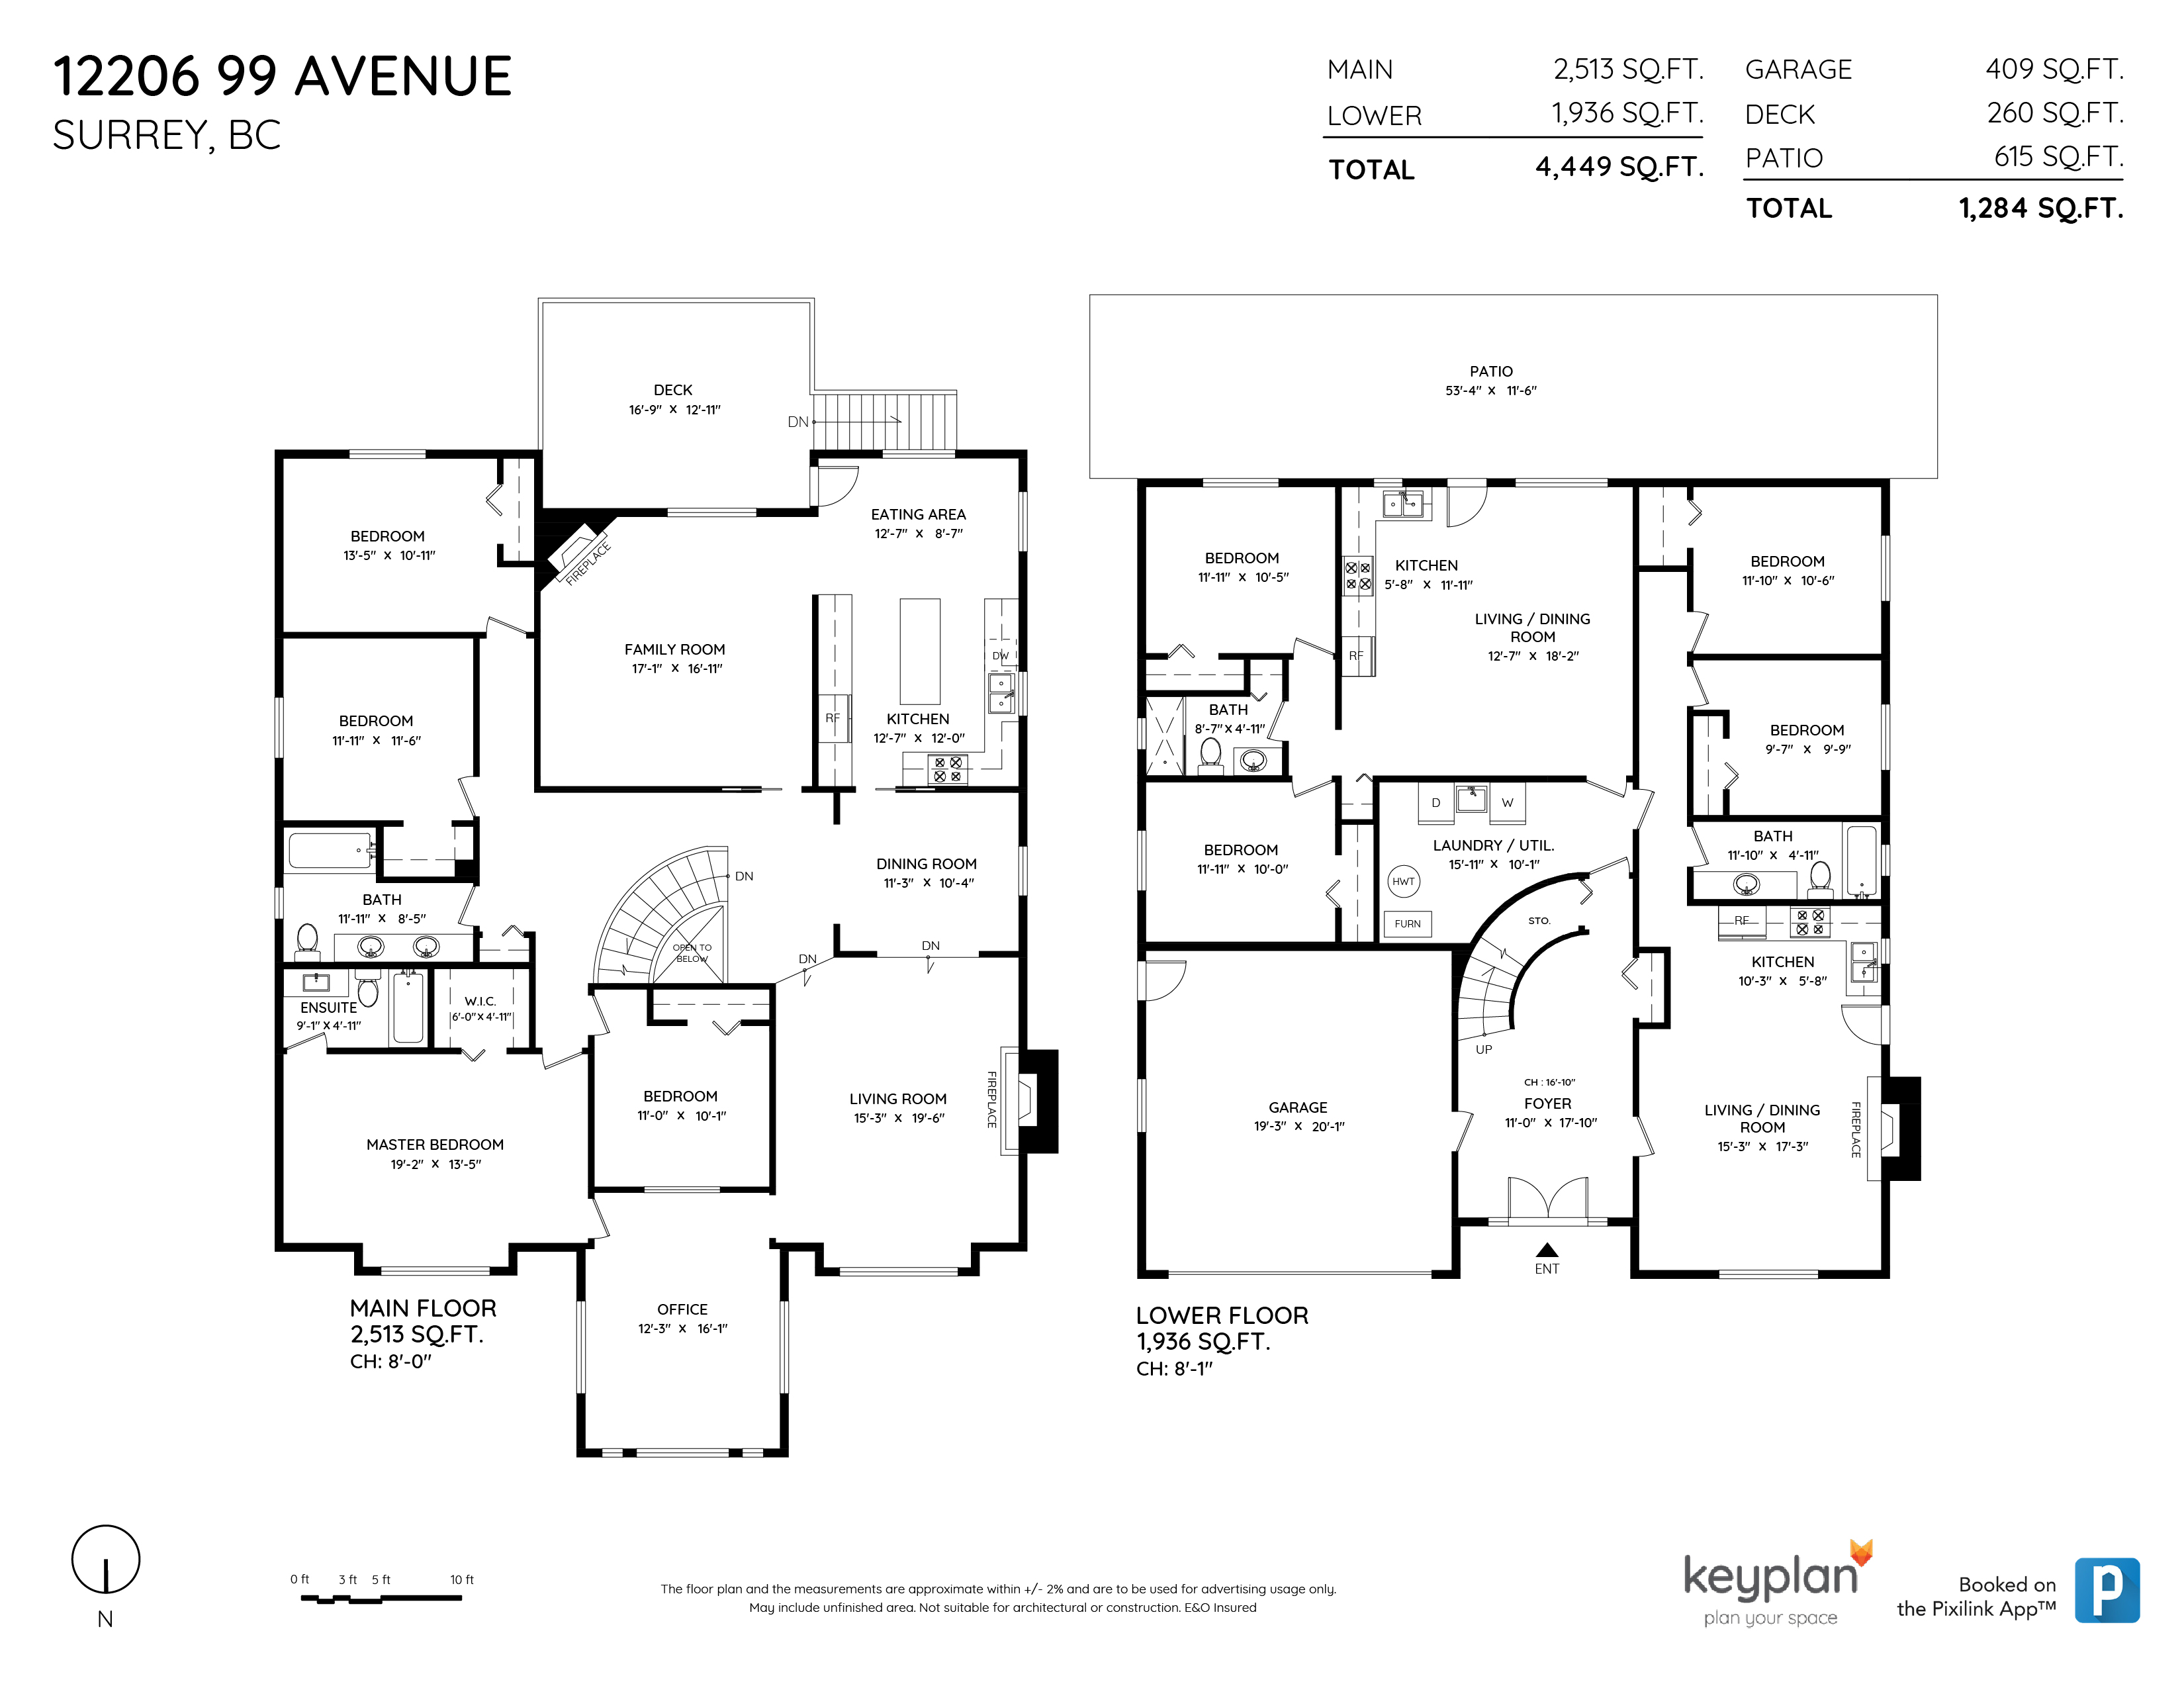 12206 99 AVENUE, Surrey, BC Floor Plan